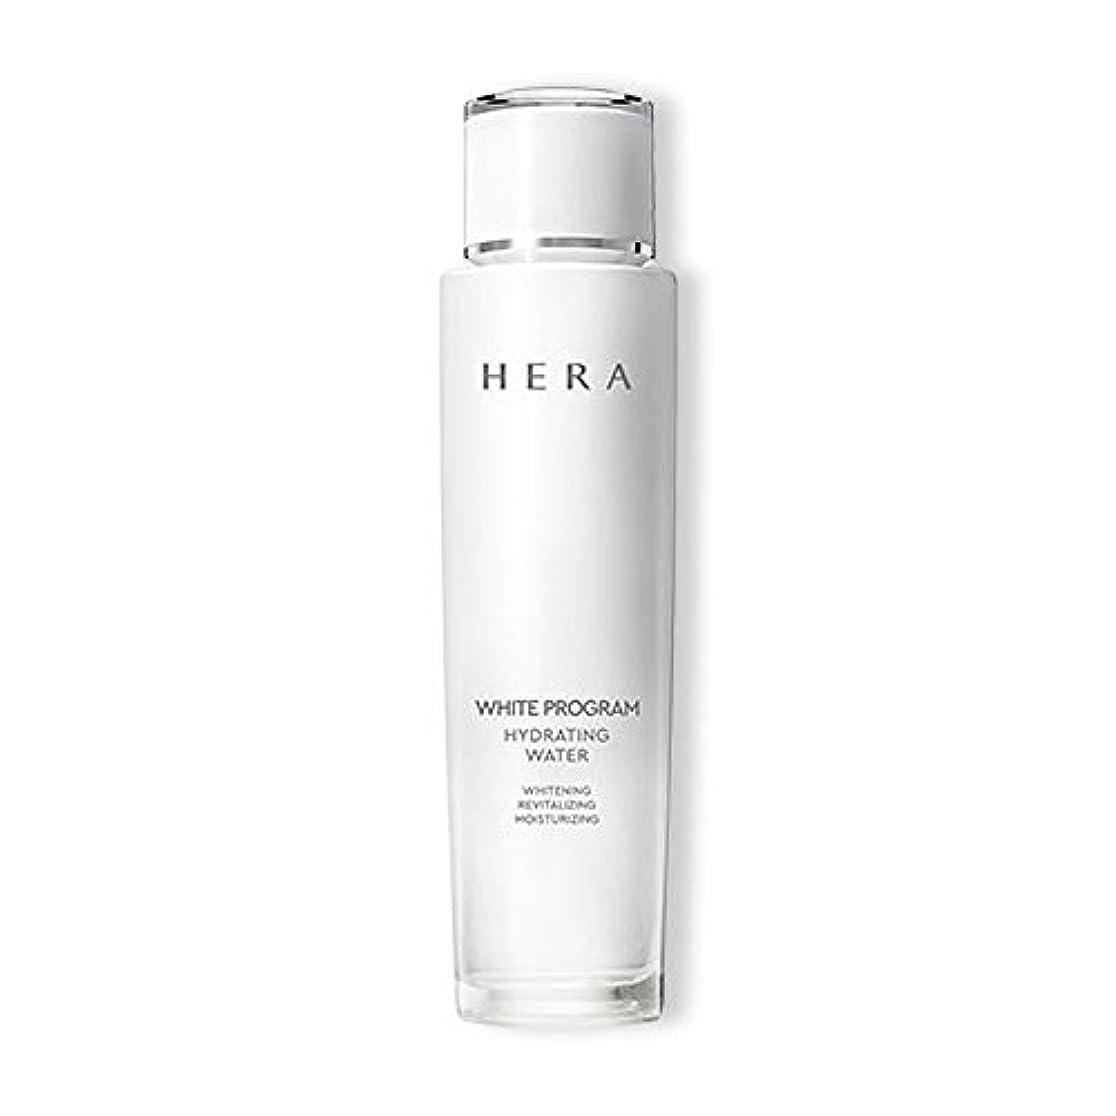 億チャート酸化するHERA(ヘラ) ホワイトプログラムハイドロレイティングウォーター(化粧水)150ml